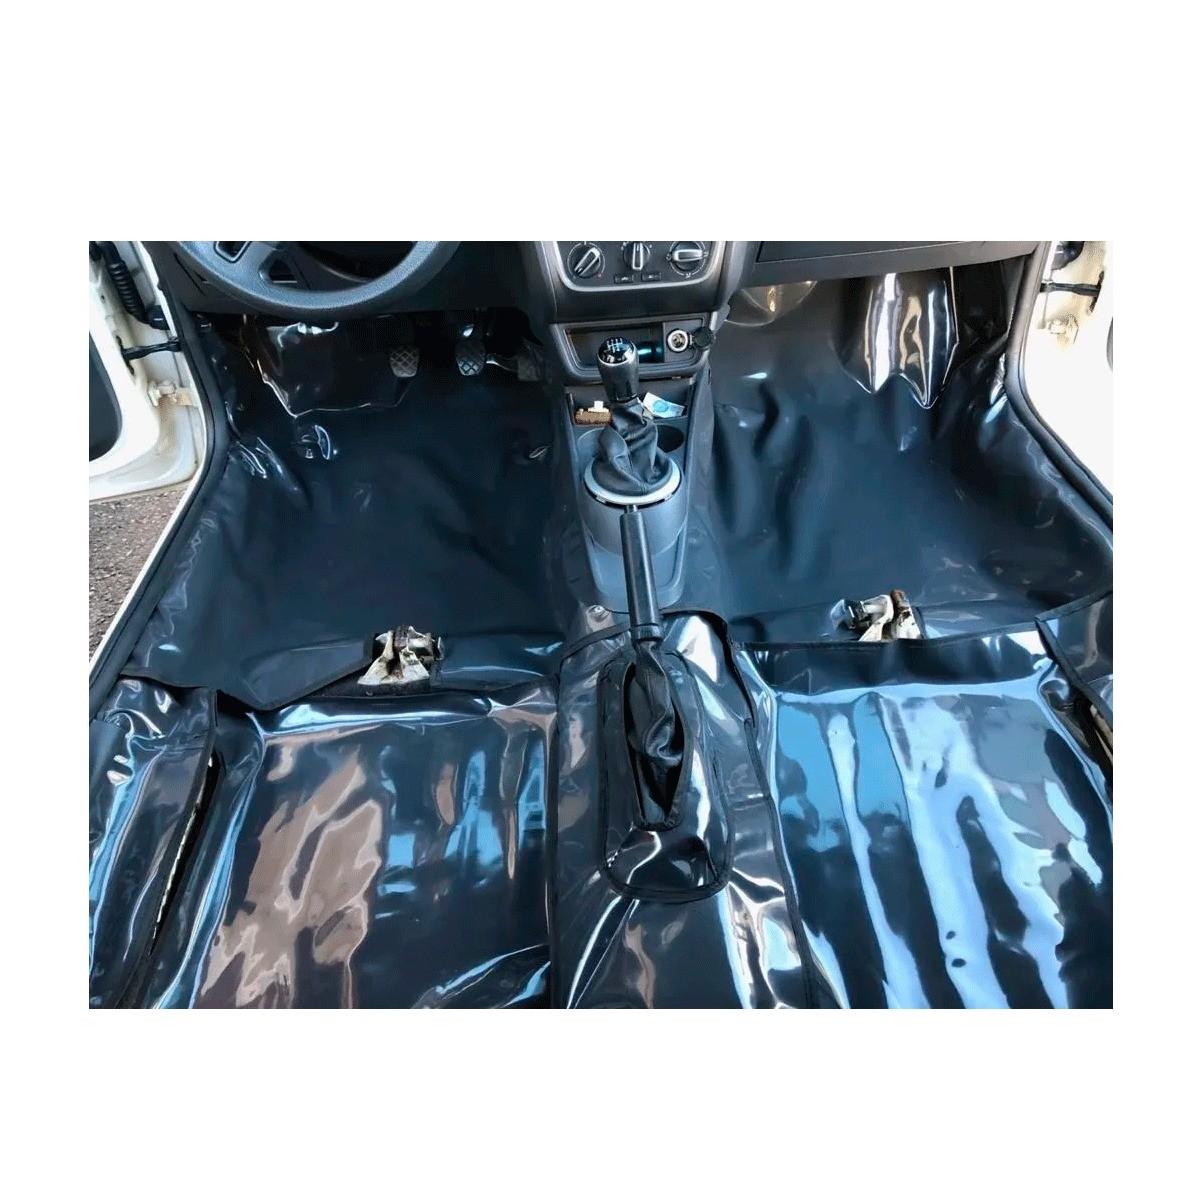 Tapete Proteção Assoalho da Ford Fiesta 2002 a 2004 em Vinil Verniz Impermeável